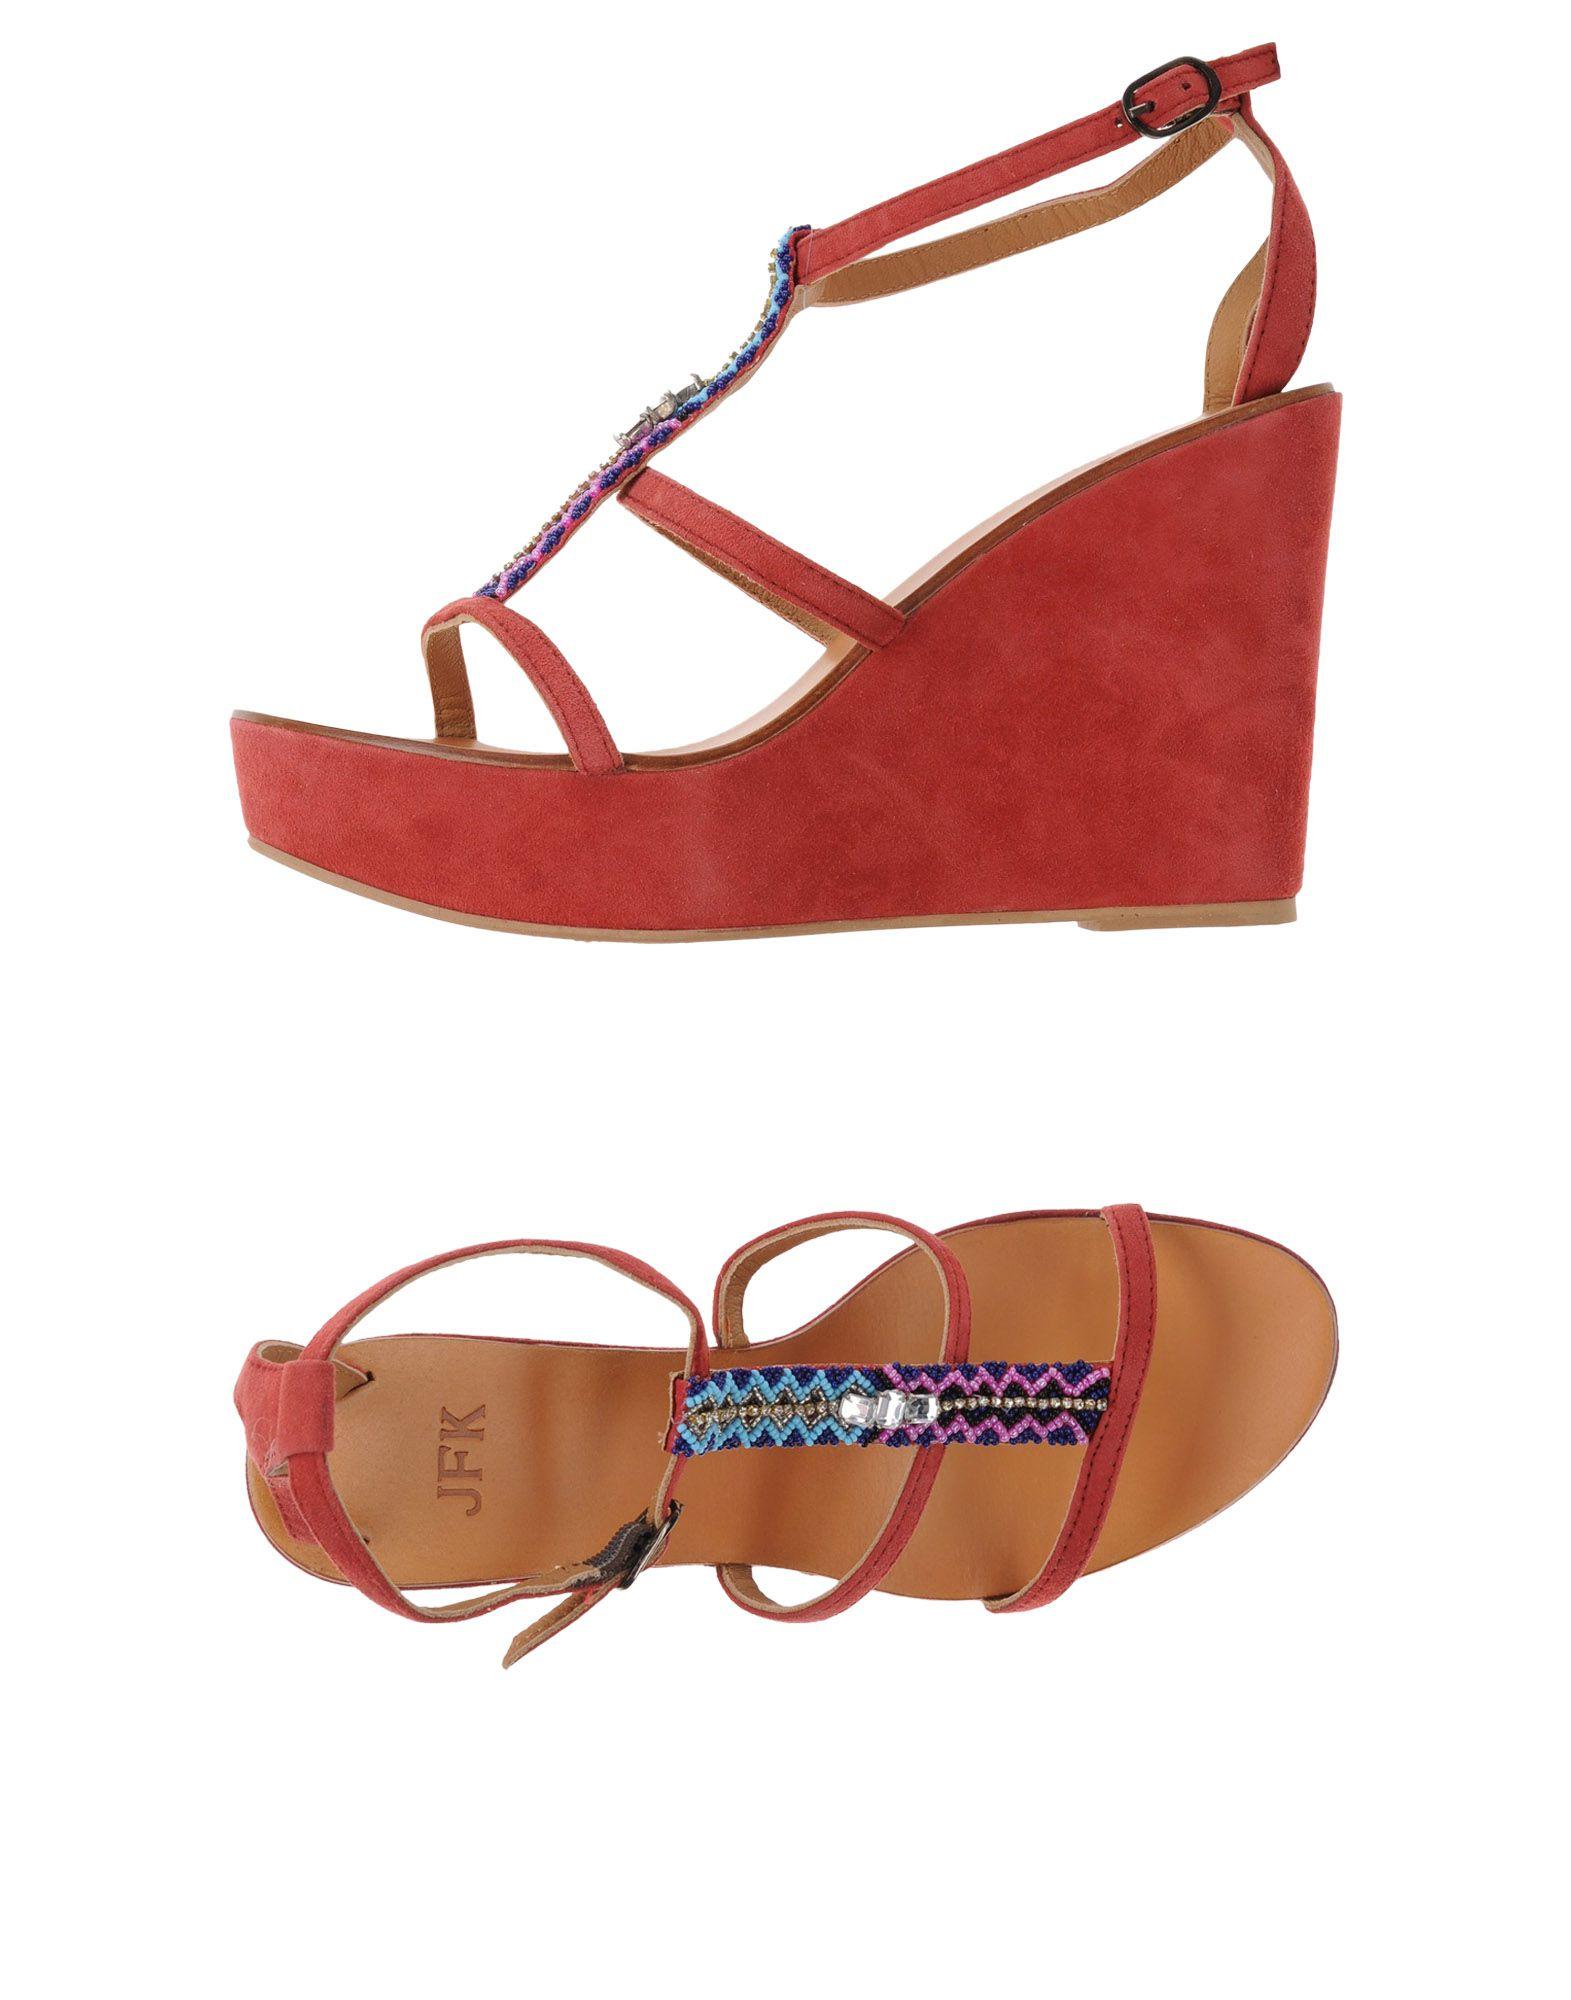 Jfk Sandalen Damen  11141792SJ Gute Qualität beliebte Schuhe